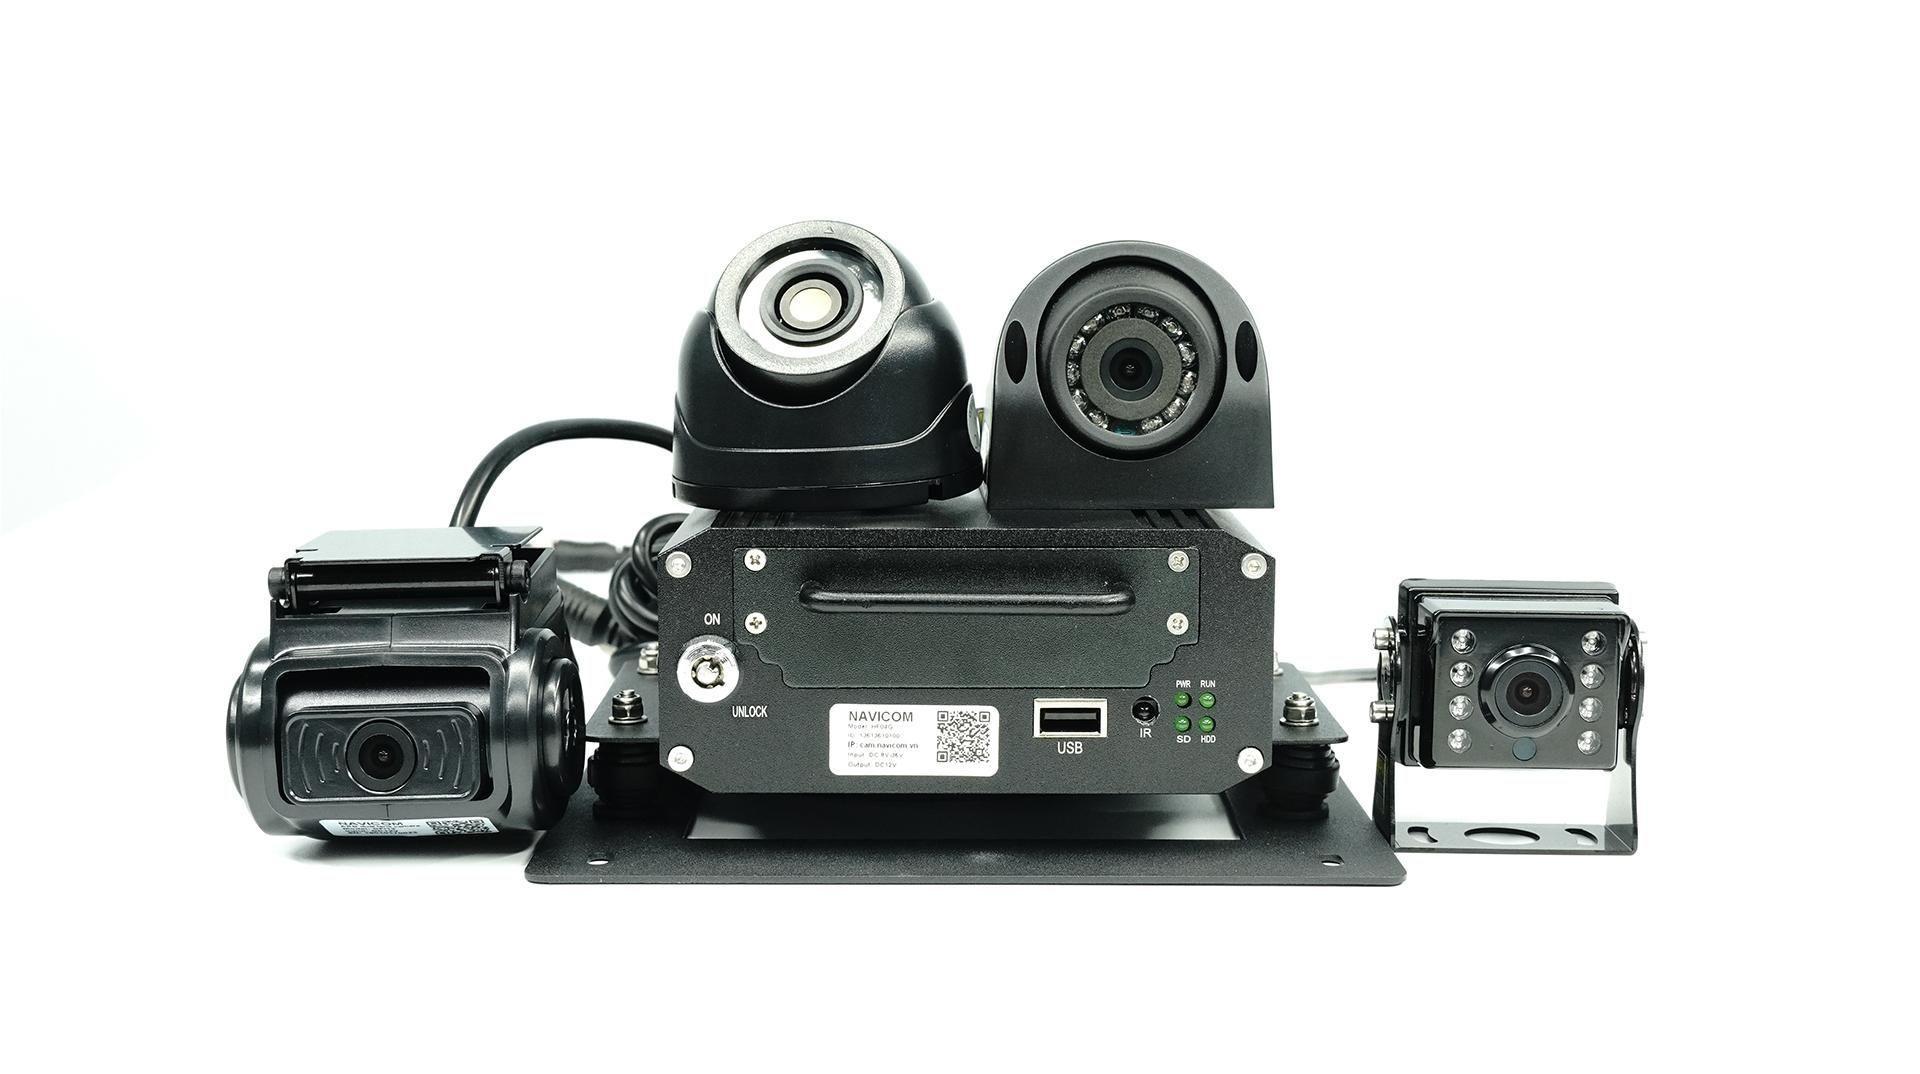 Sửa Chữa Camera Quan Sát Tại KCN Tân Tạo